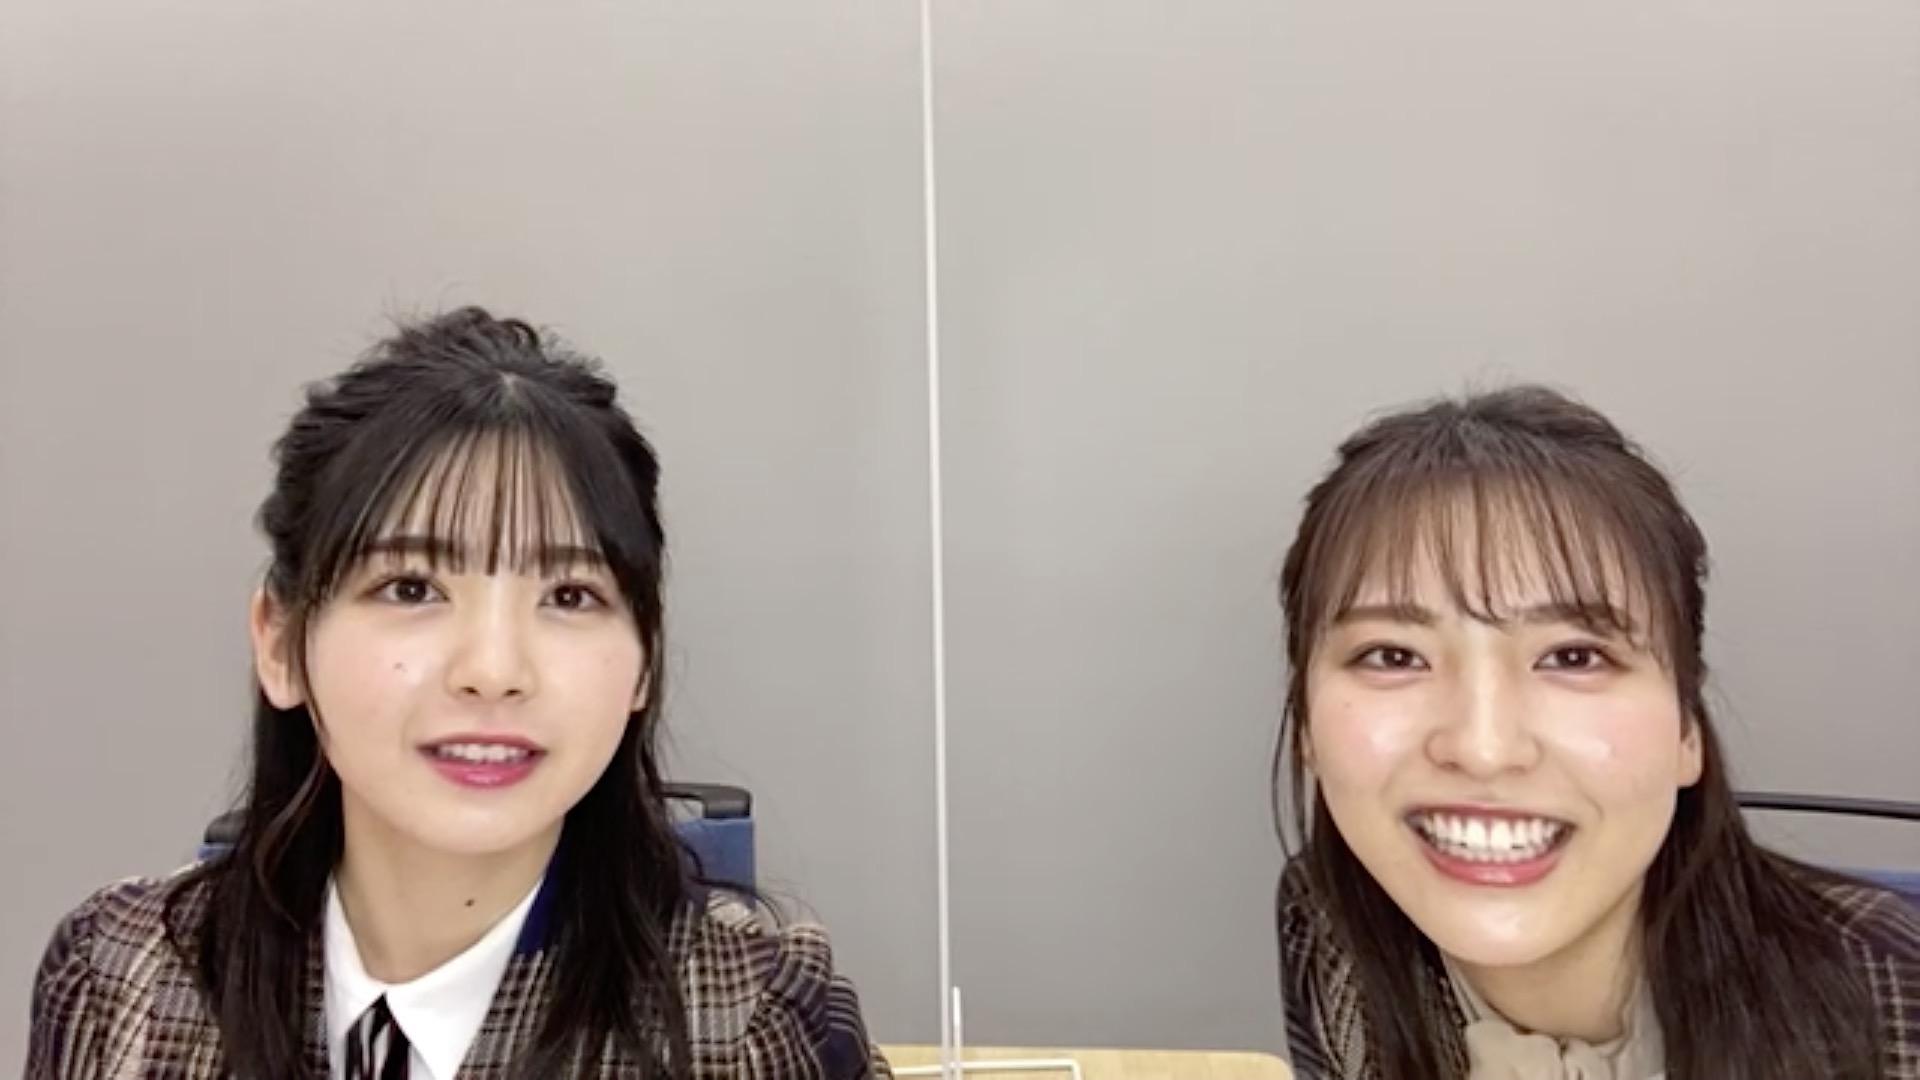 乃木坂46「猫舌SHOWROOM」 筒井あやめ 早川聖来